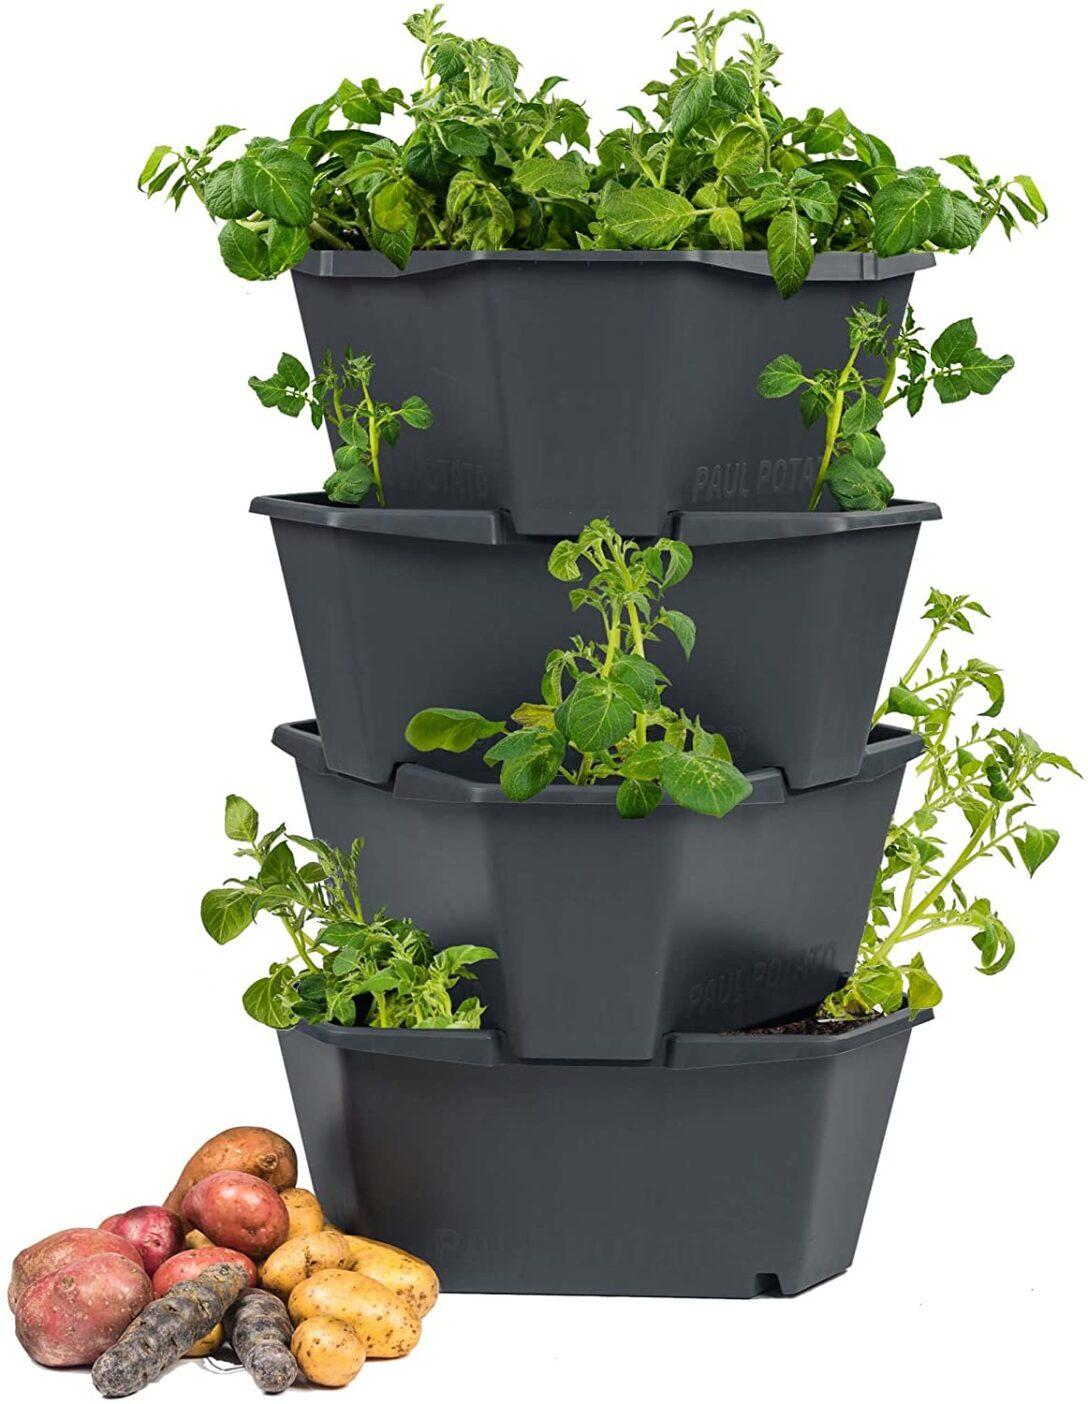 Large Size of Paul Potato Kartoffelturm Erfahrungen Starter 4 Etagen Von Gusta Garden Wohnzimmer Paul Potato Kartoffelturm Erfahrungen